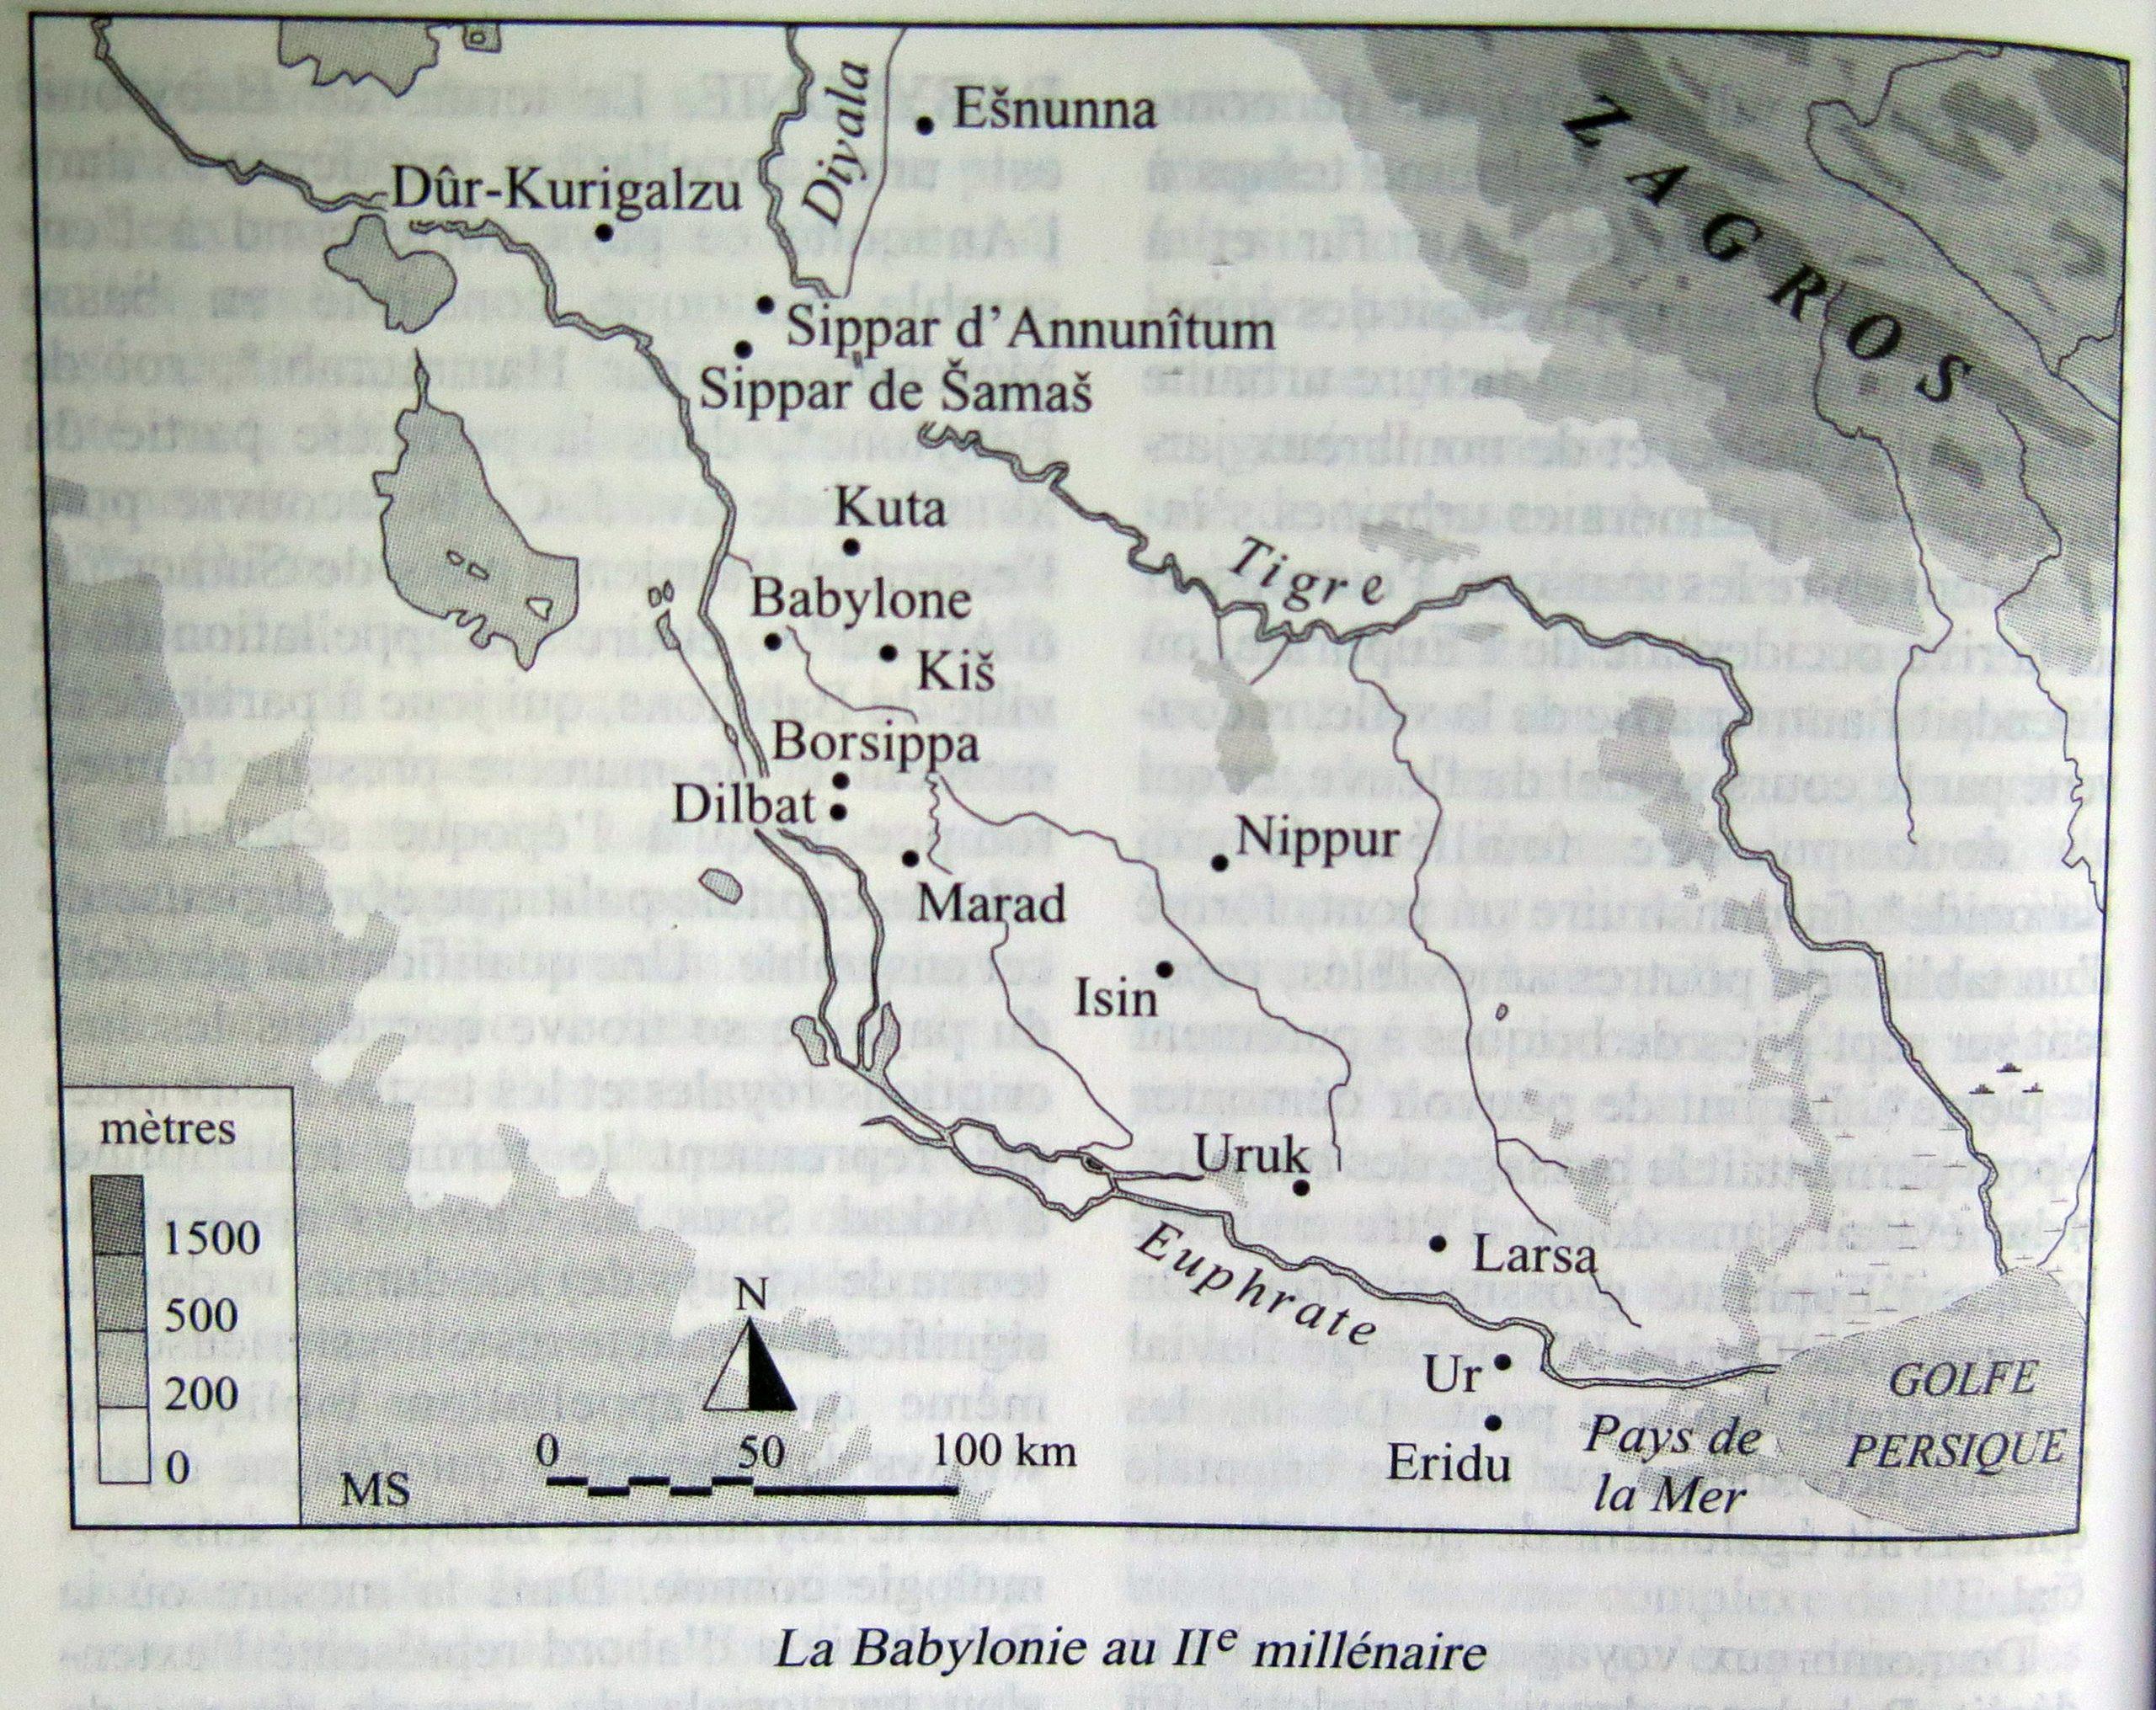 Carte de la Babylonie au IIe millénaire dans le Dictionnaire de la civilisation mésopotamienne, Paris : Laffont, 2001.